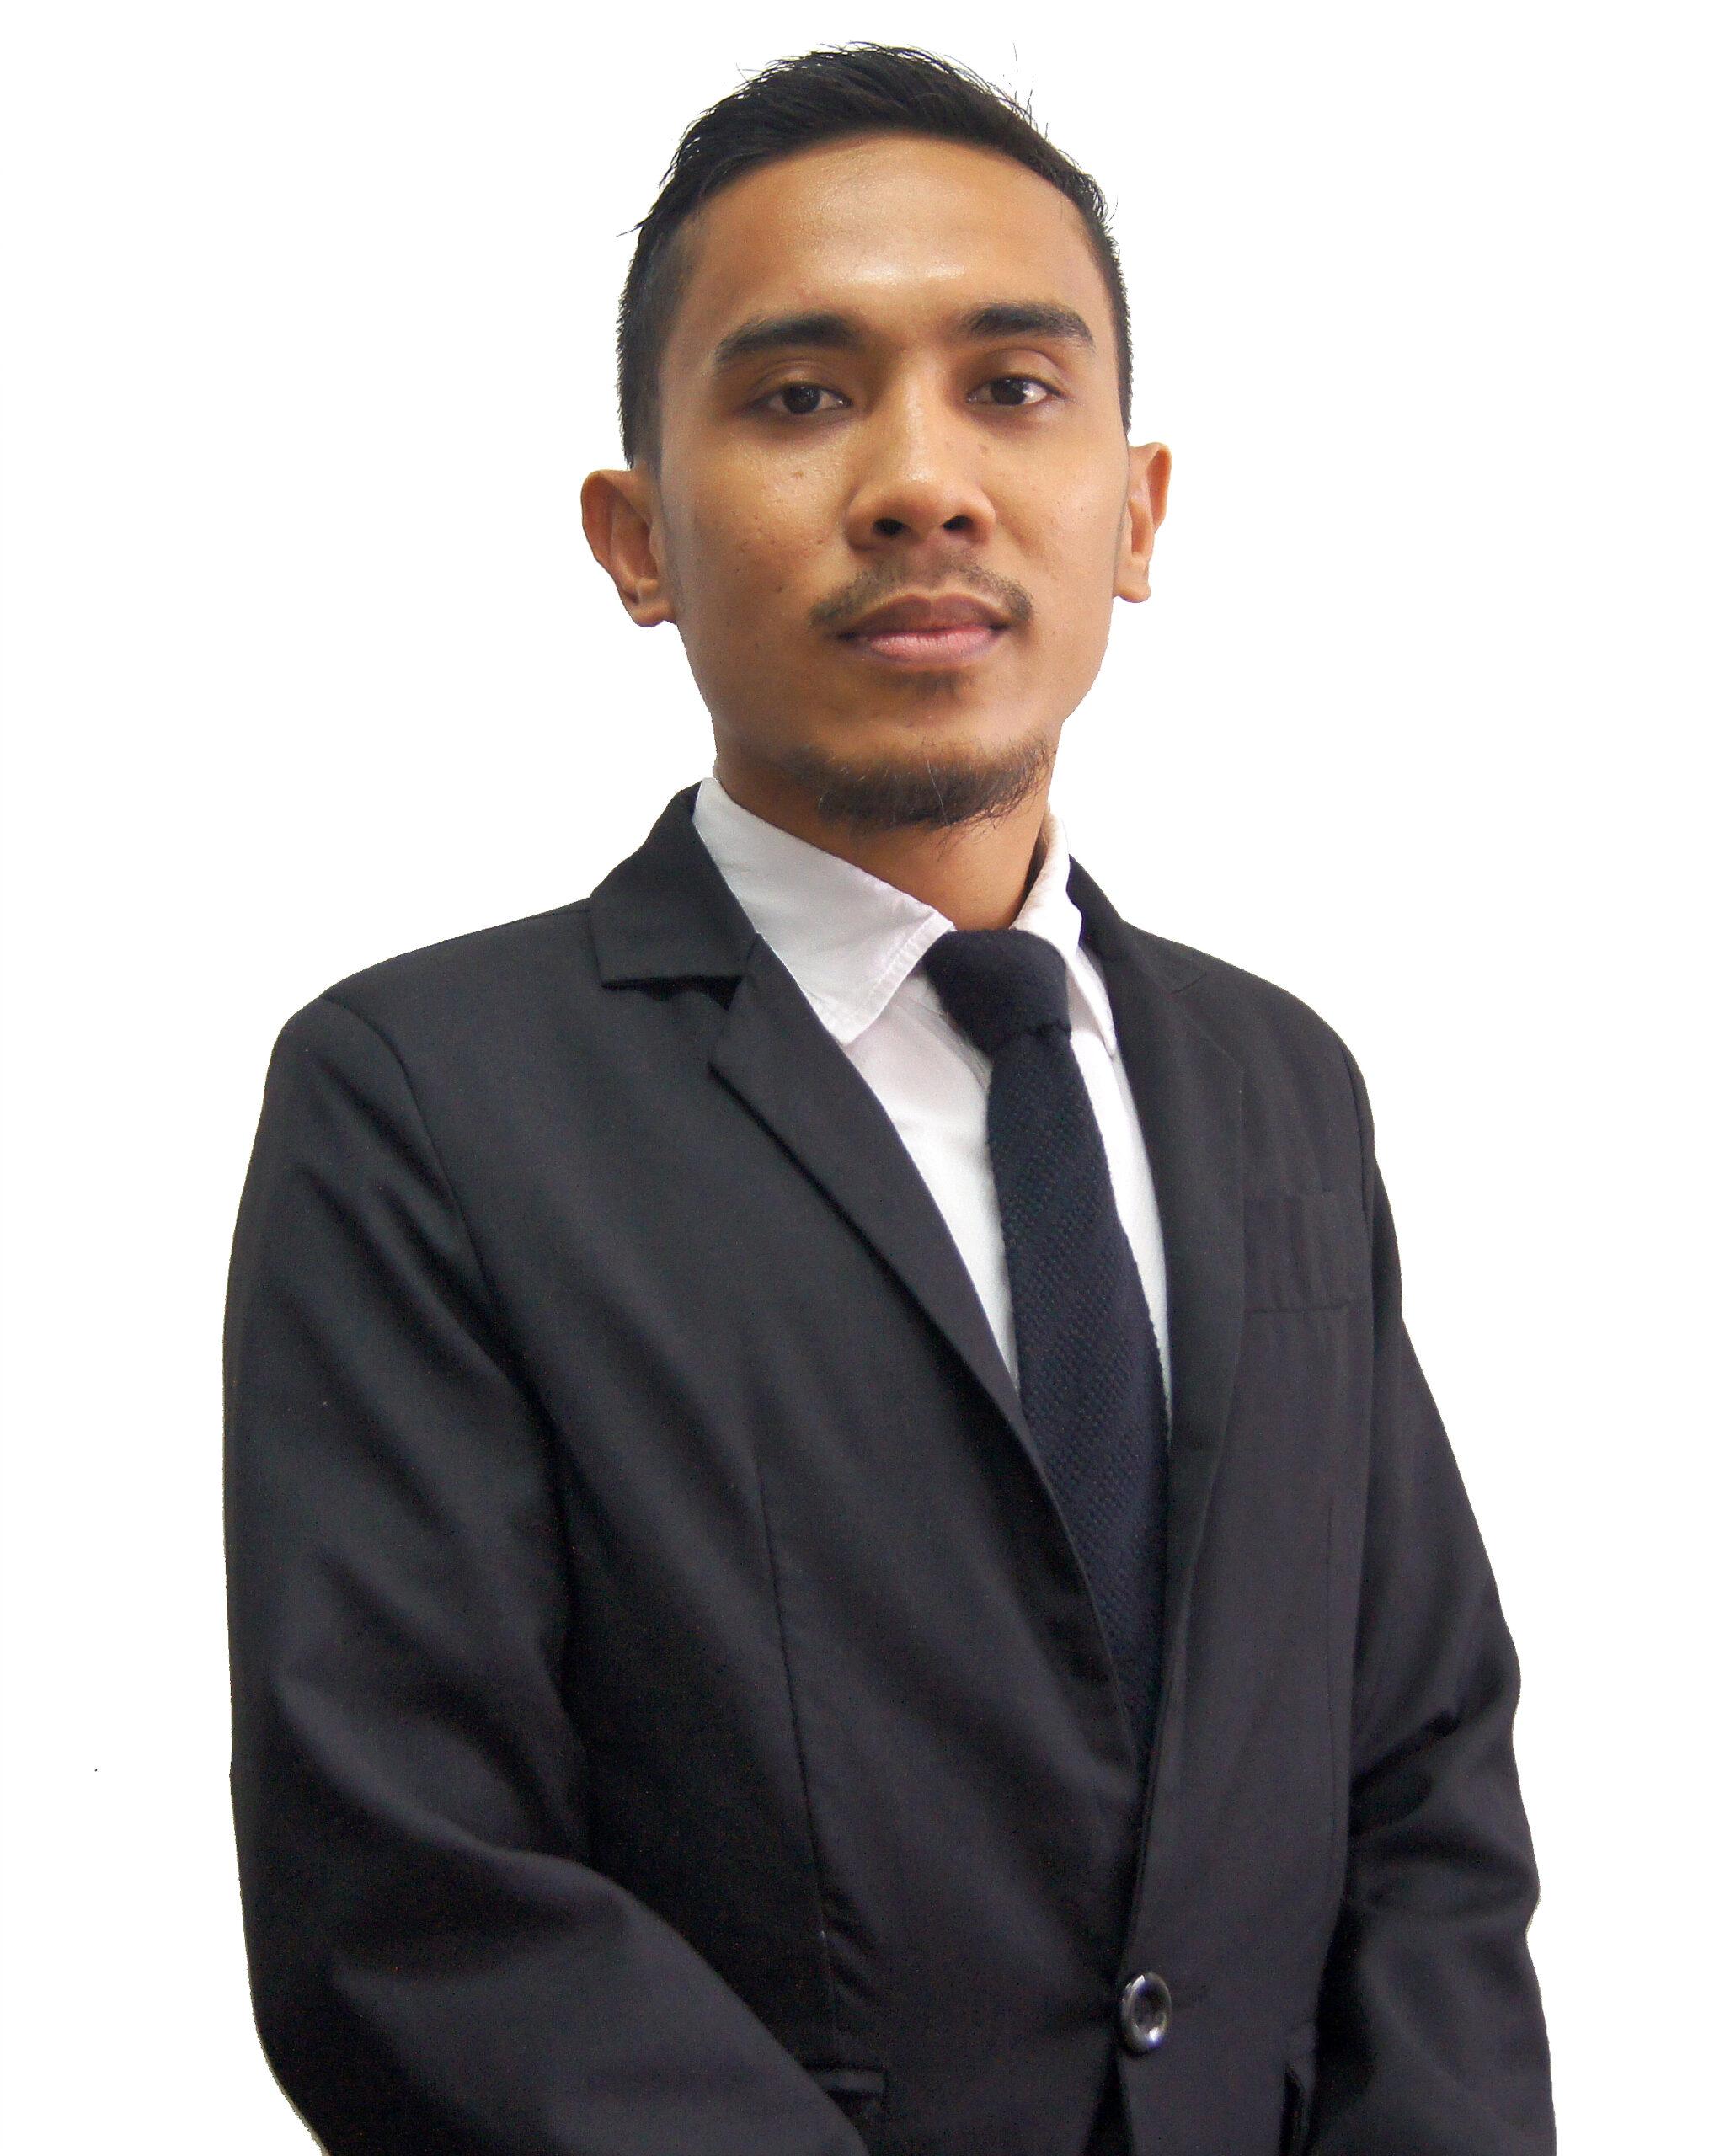 Azrul Nizam Bin Zainalabidin